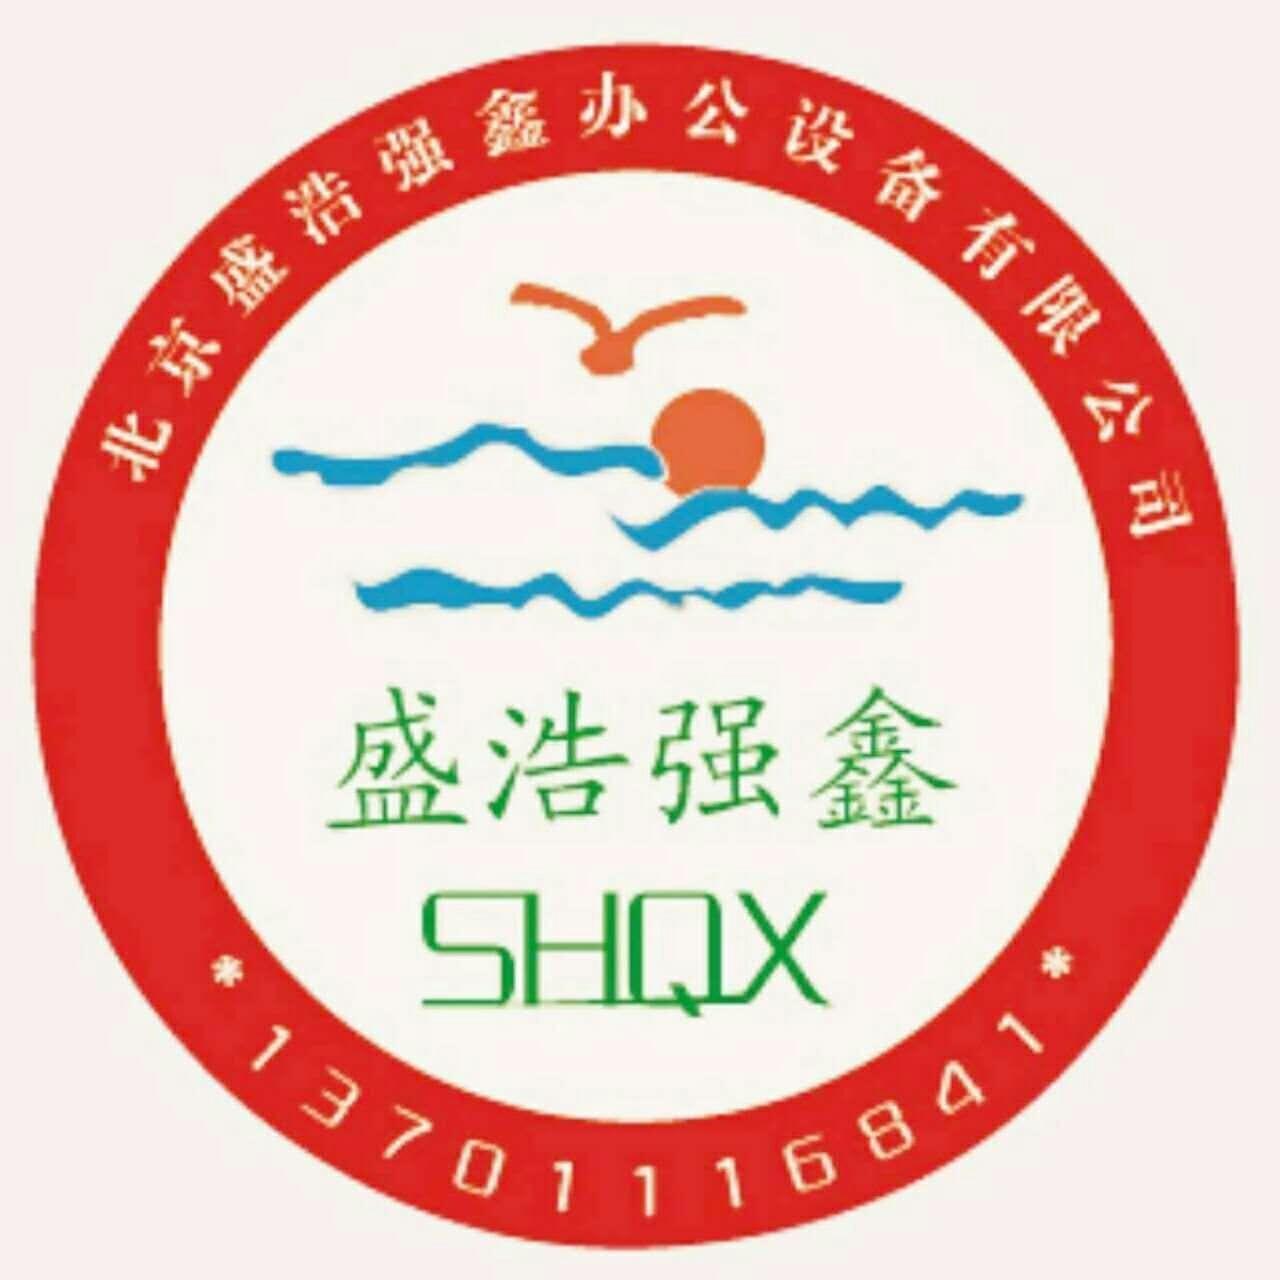 北京盛浩强鑫办公设备有限公司 最新采购和商业信息